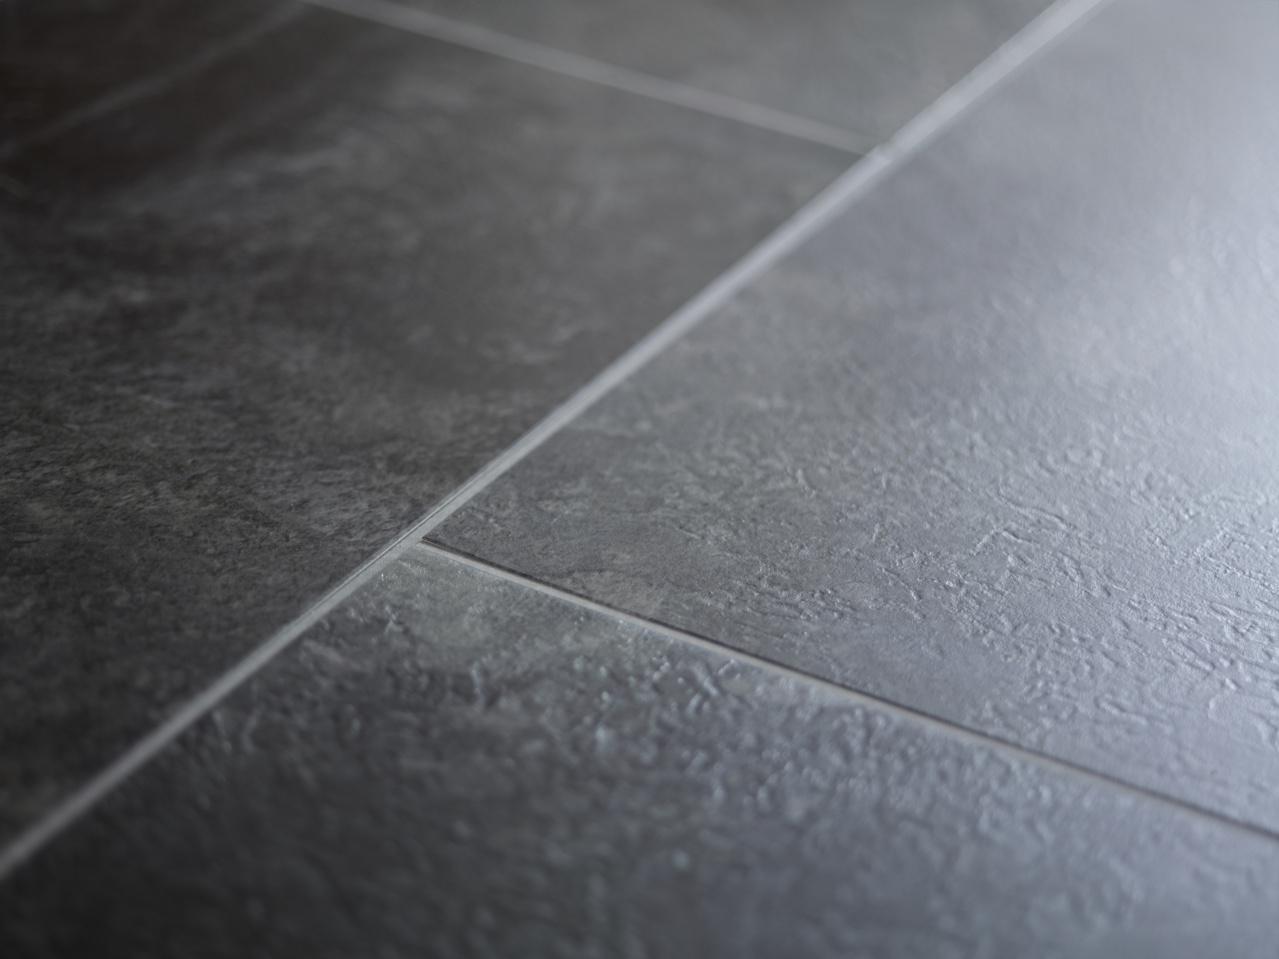 Виниловый ламинат (60 фото): что это такое, особенности пластикового и покрытия пвх с замковым соединением, что лучше для пола - сравнение с плиткой, отзывы